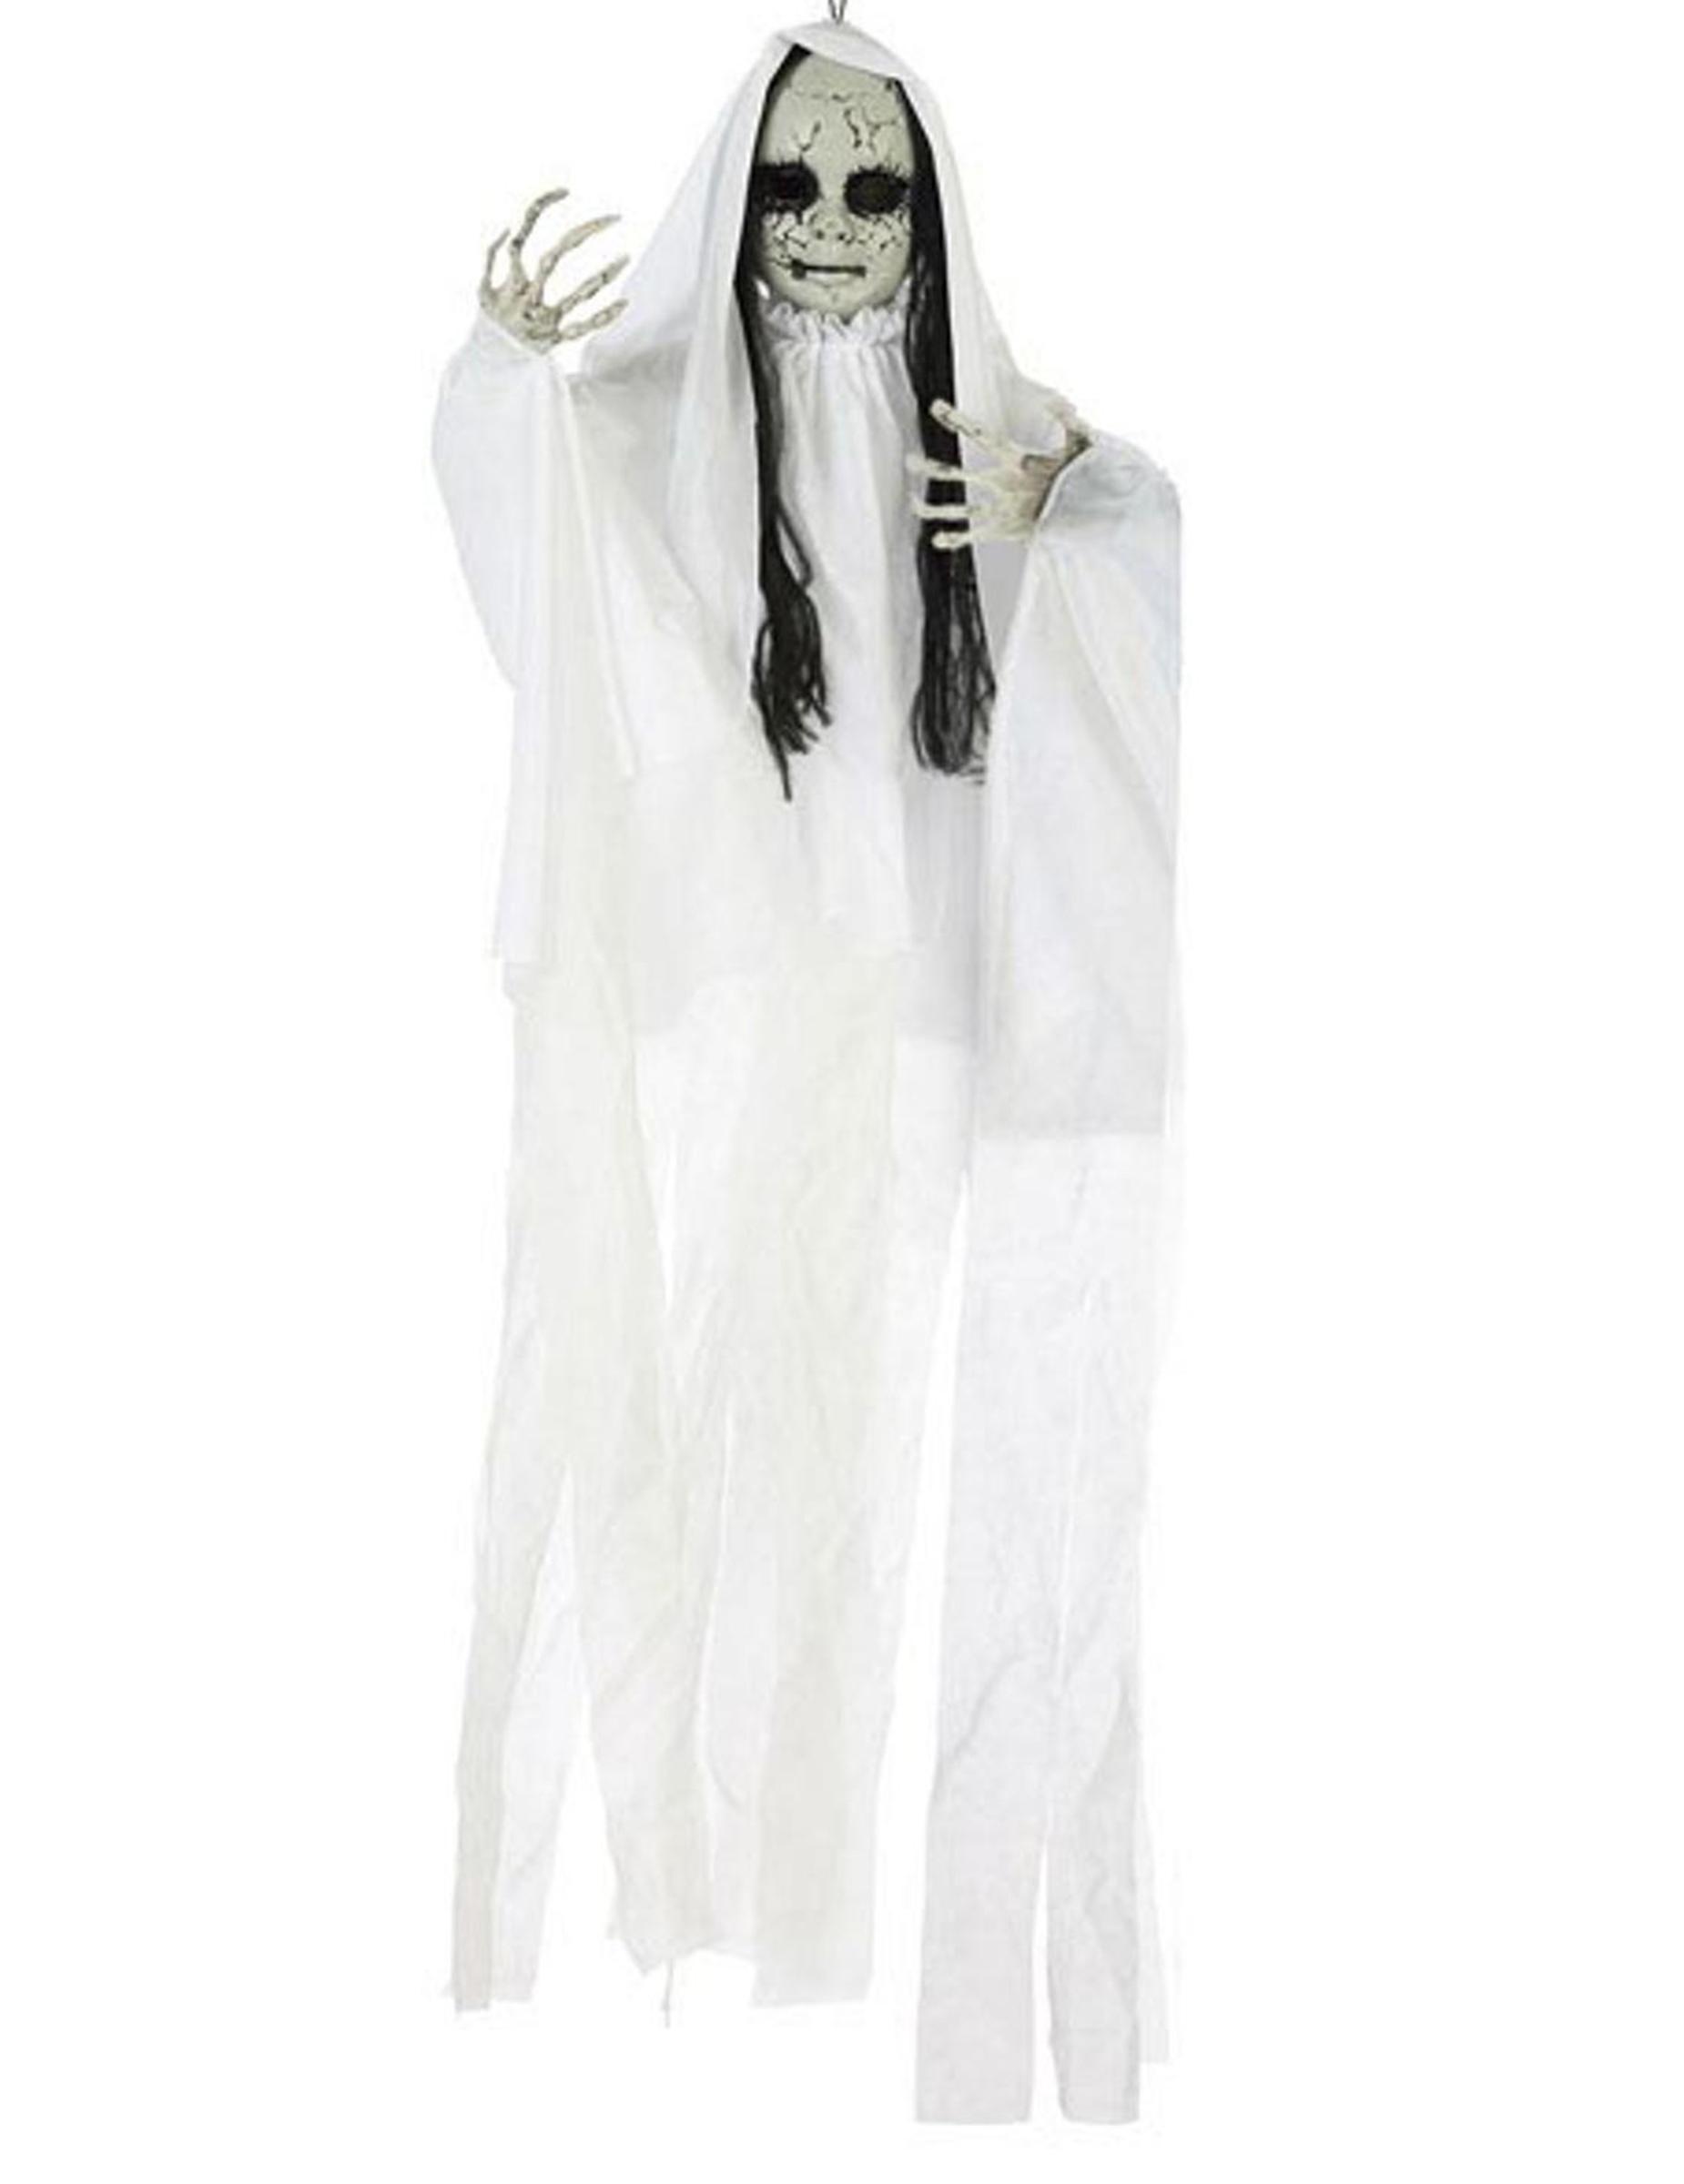 Zombie-Mädchen Geister Hängedekoration weiss 100 x 70 cm 293178